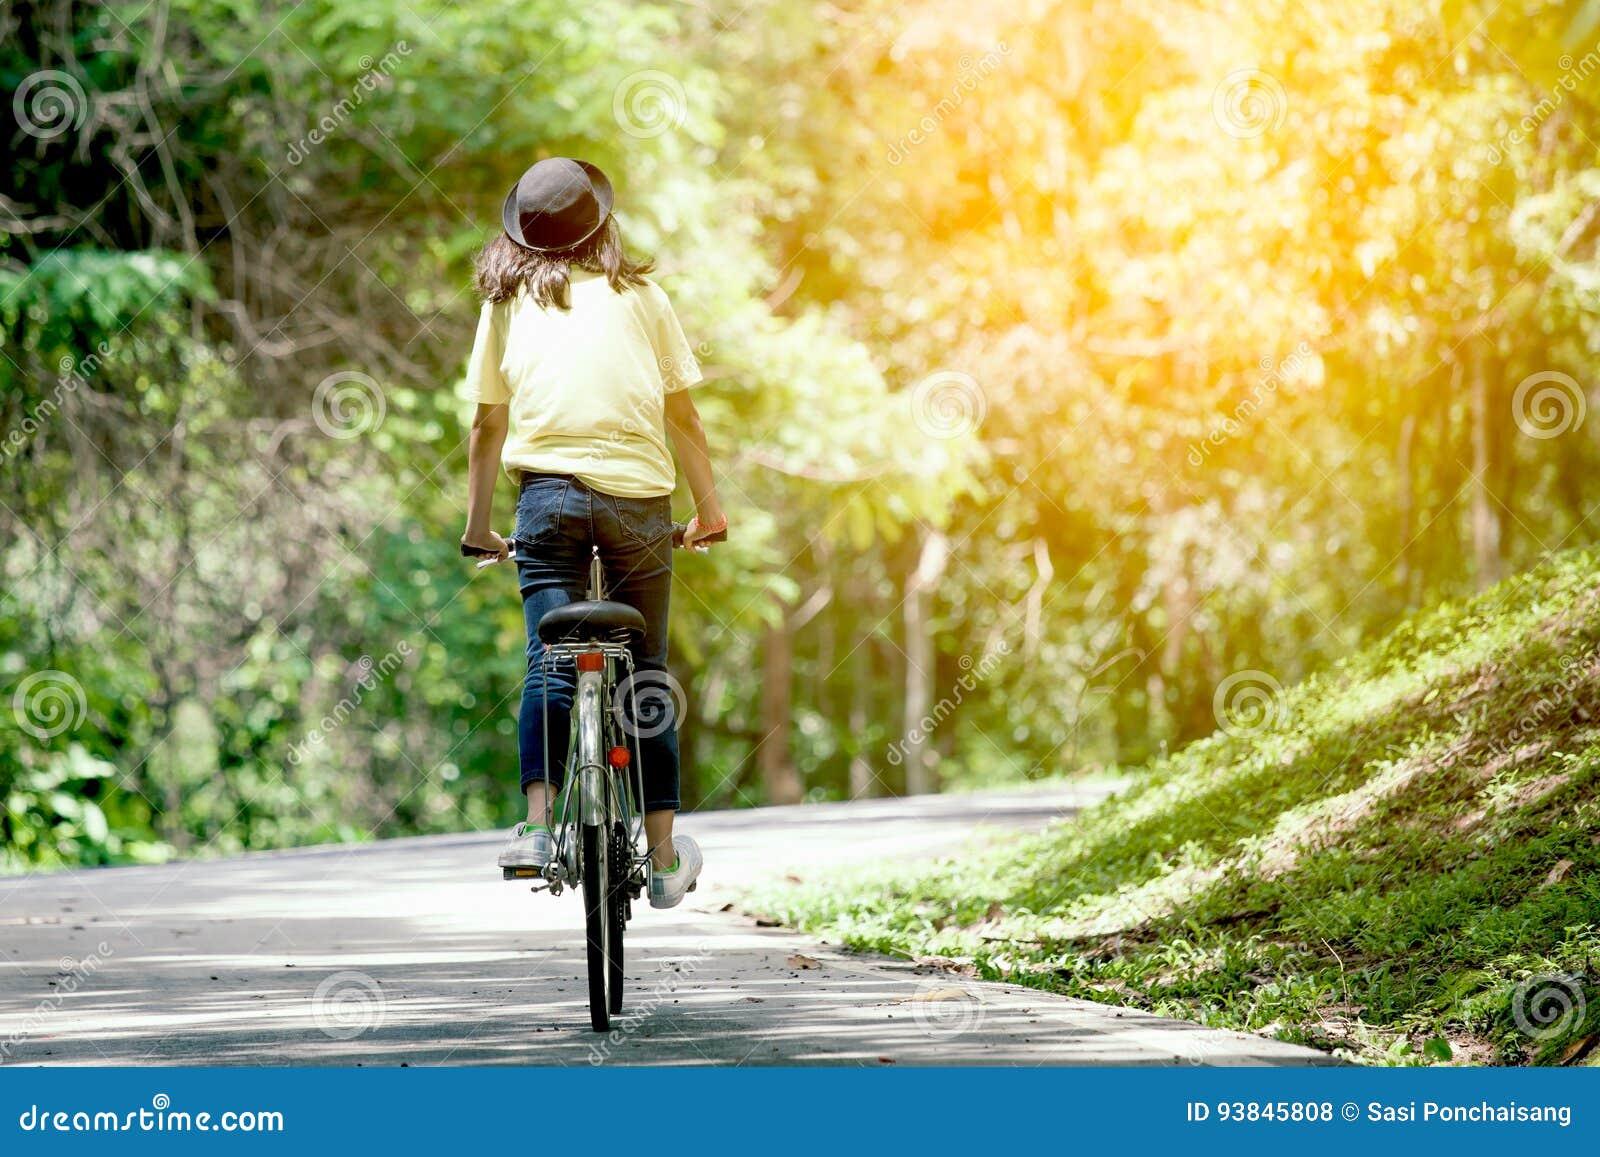 Vista trasera de la bicicleta del montar a caballo de la chica joven en el jardín